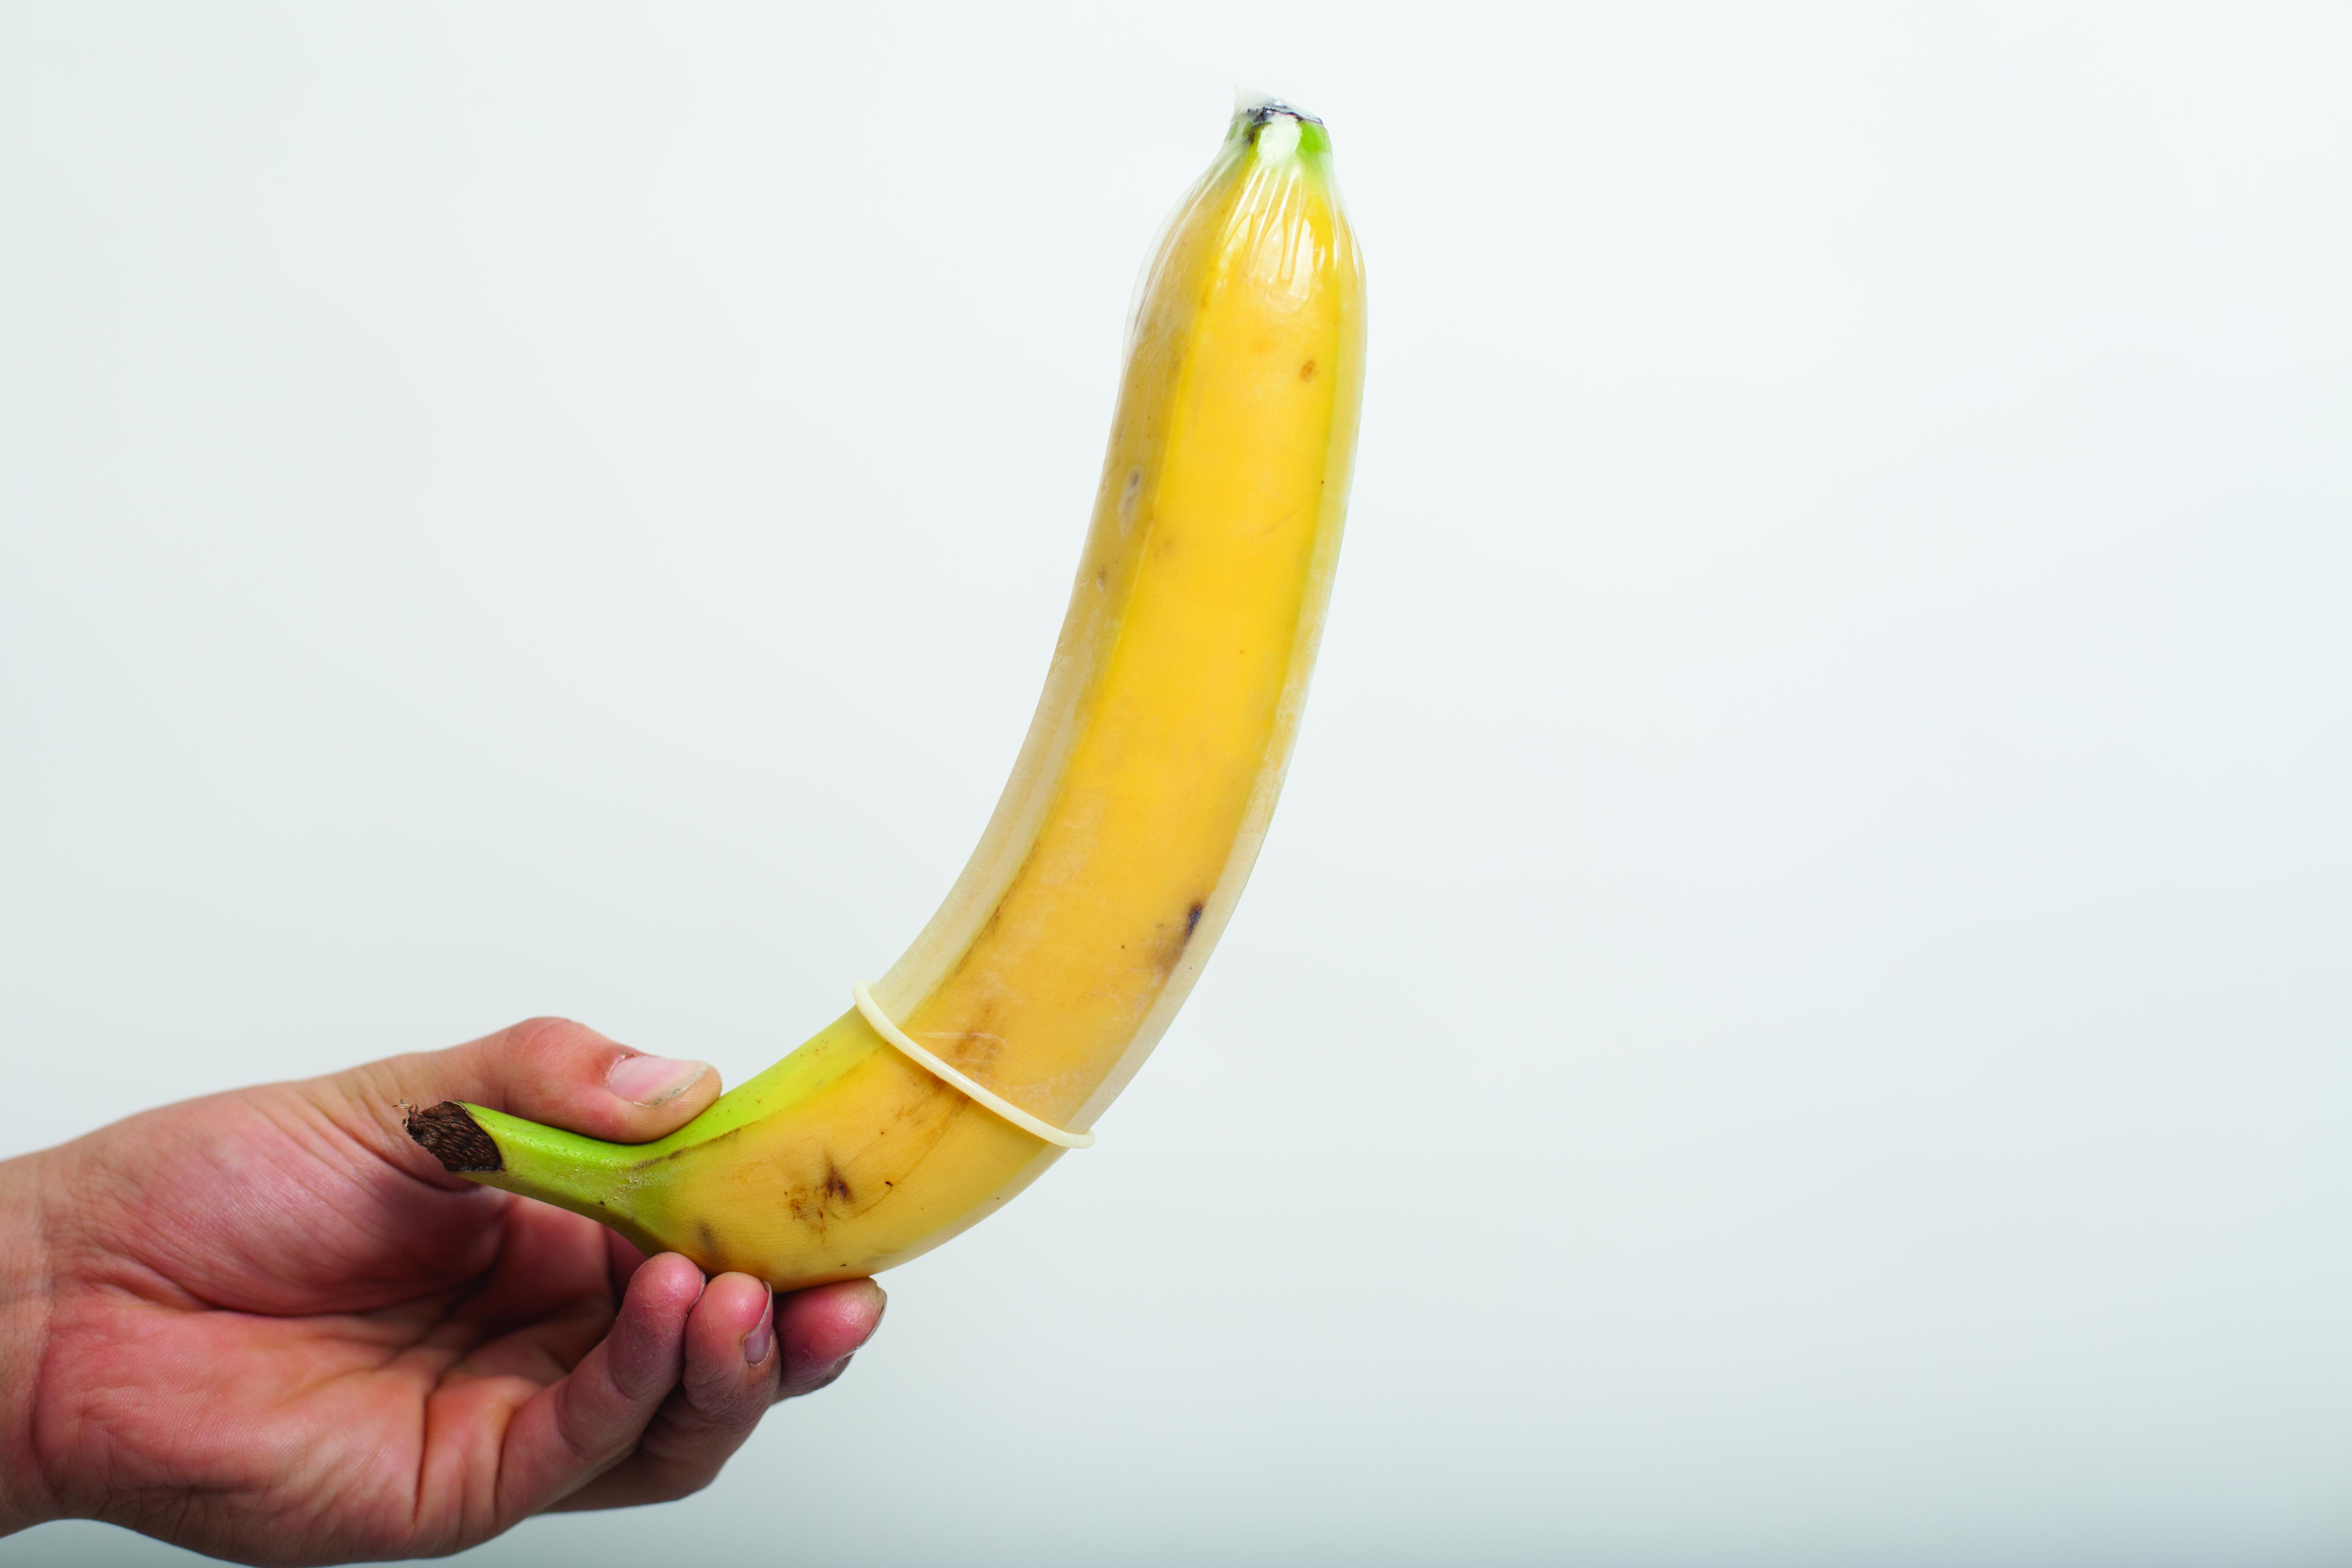 секс с фруктами с бананом